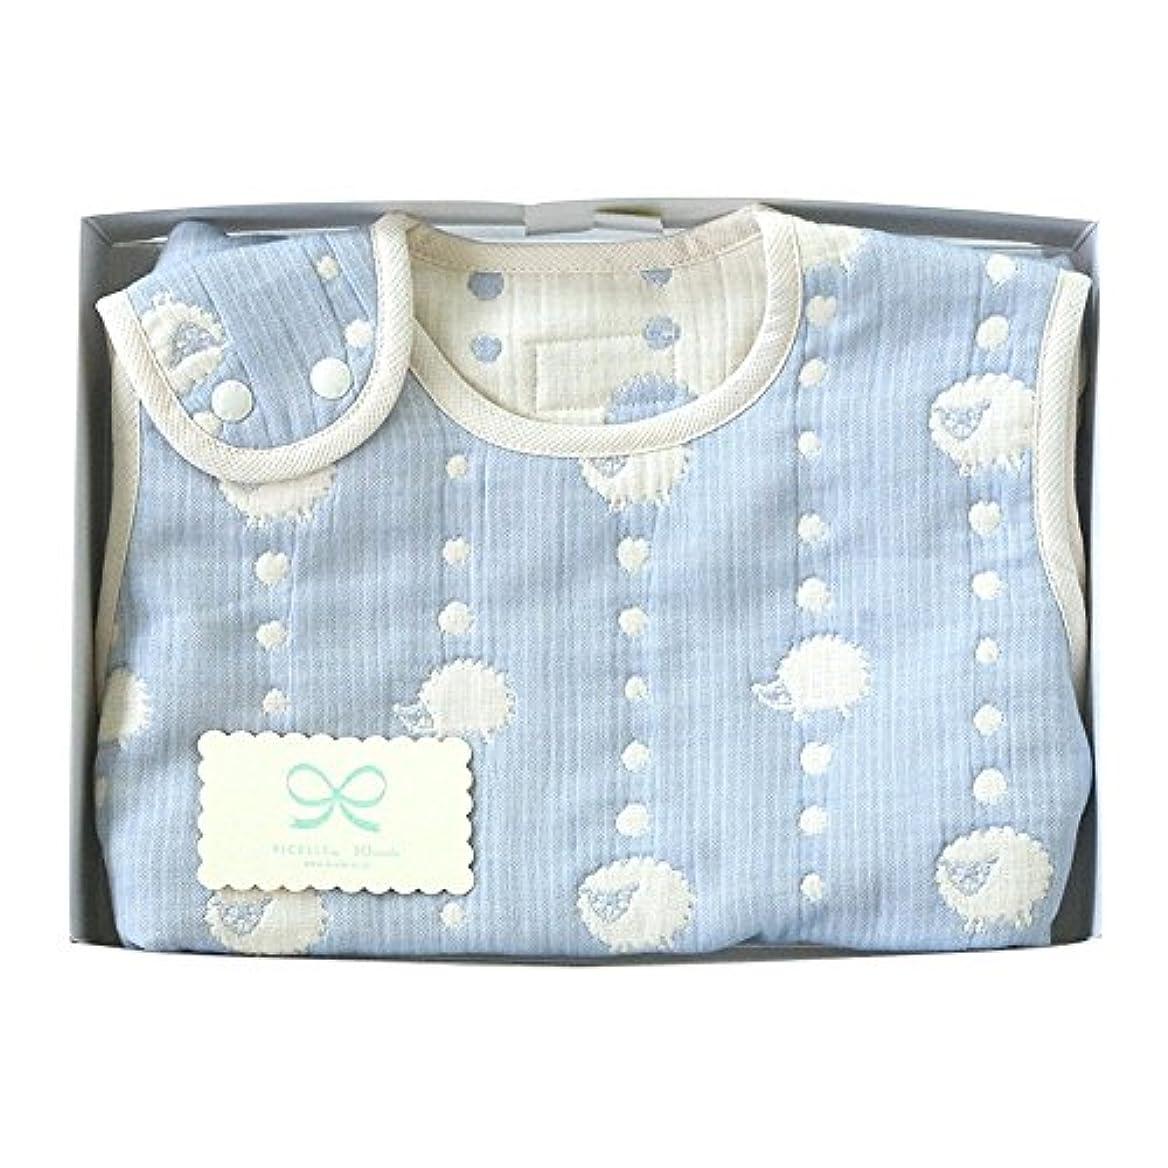 ローラータクトエッセイHoppetta 6重ガーゼ スリーパー ギフトセット ブルー (ベビーサイズ) 18111038 赤ちゃん